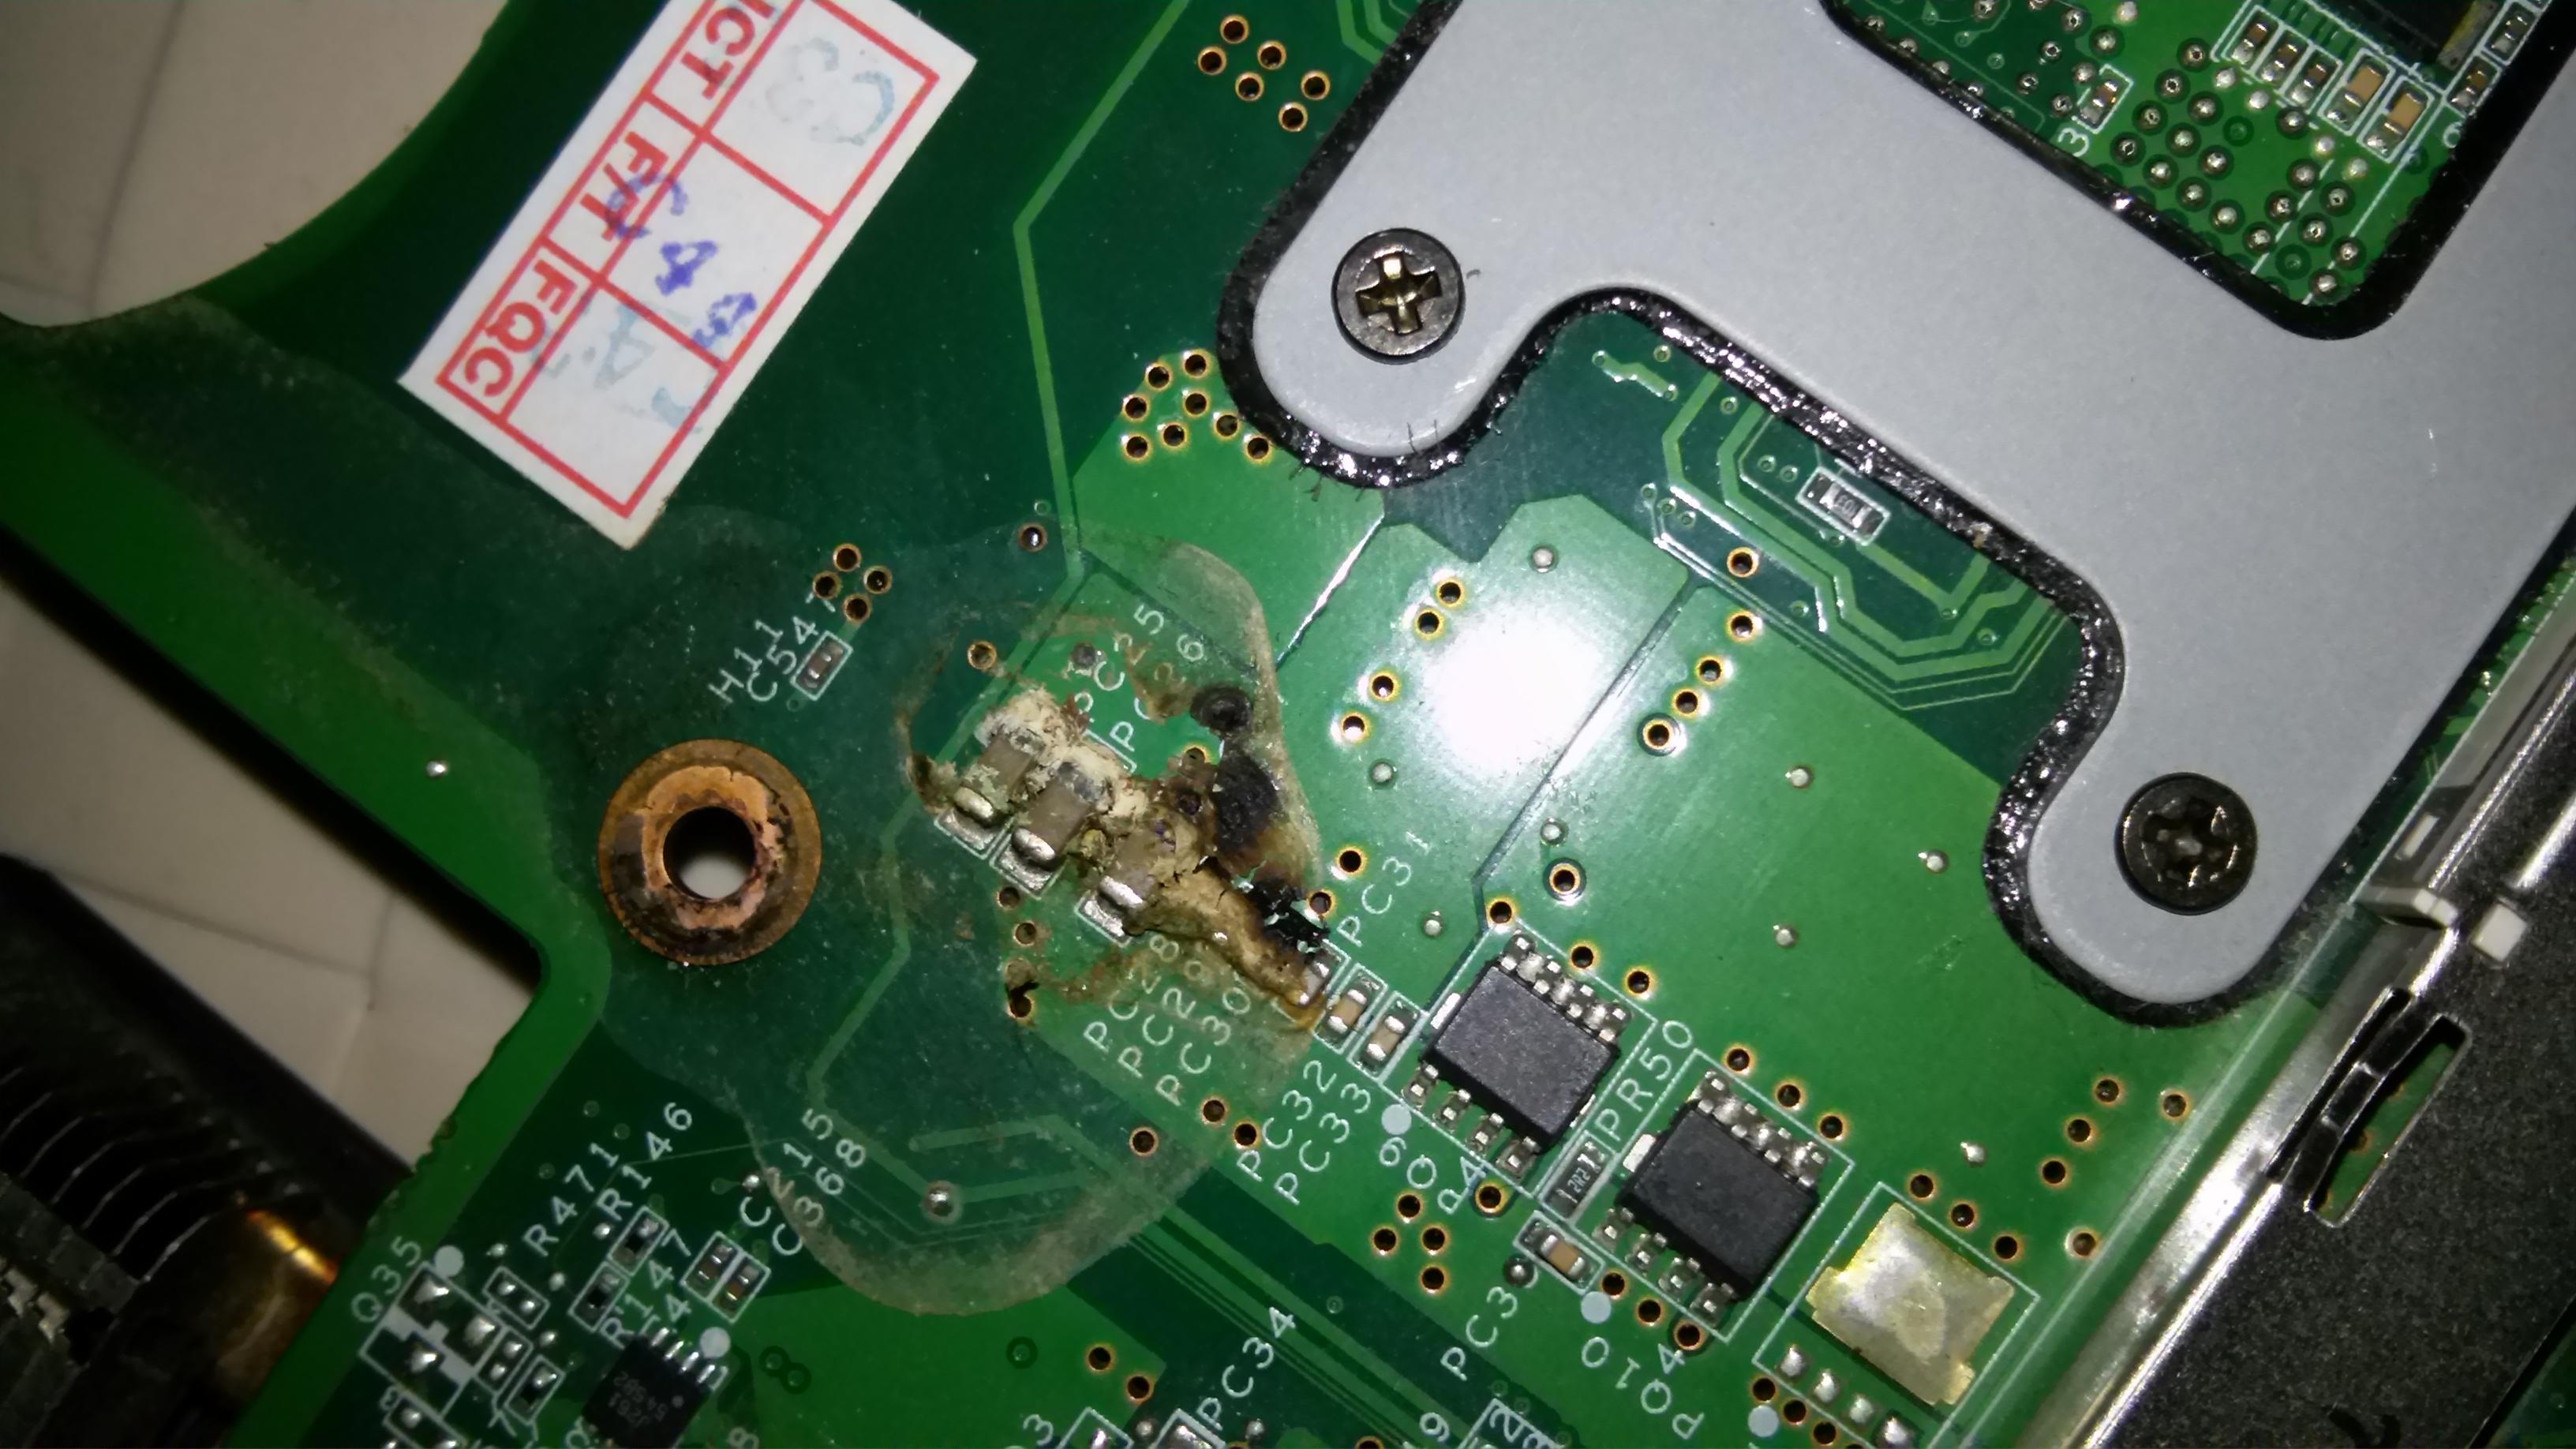 Laptop Benq A52/c41 - nie w��cza si�, �wieci dioda power